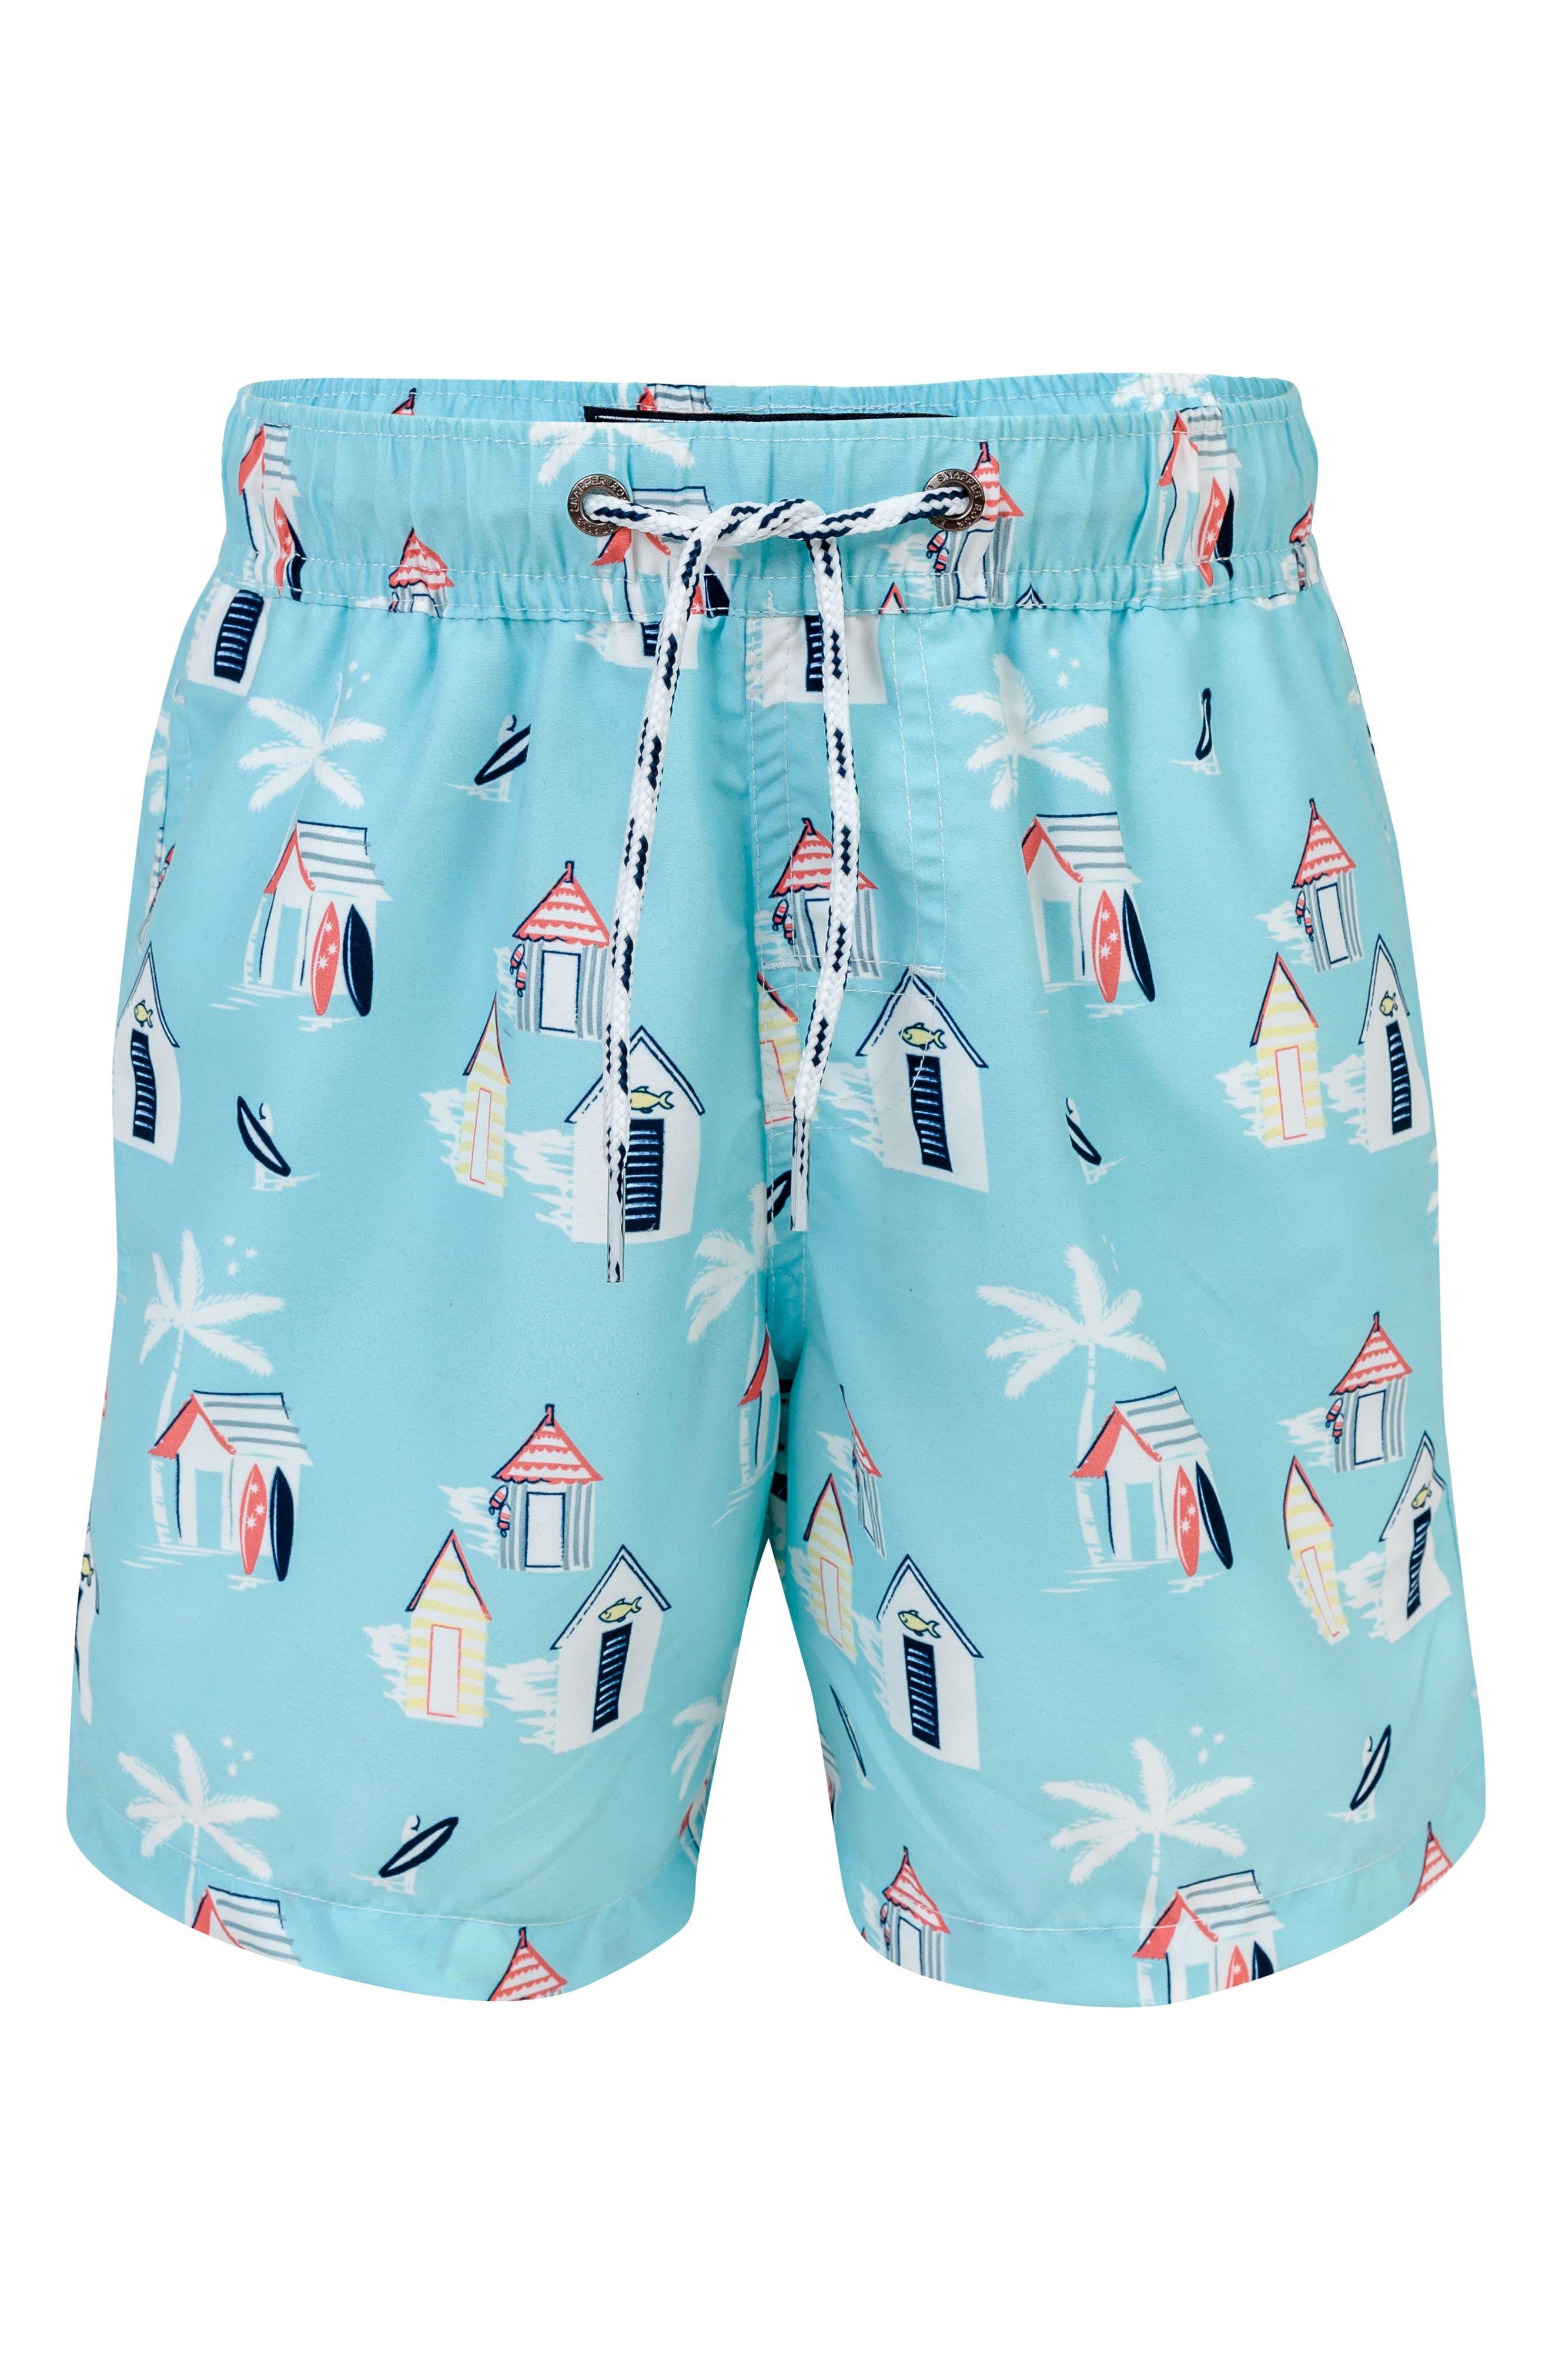 Cabana Palm Board Shorts,                             Main thumbnail 1, color,                             450